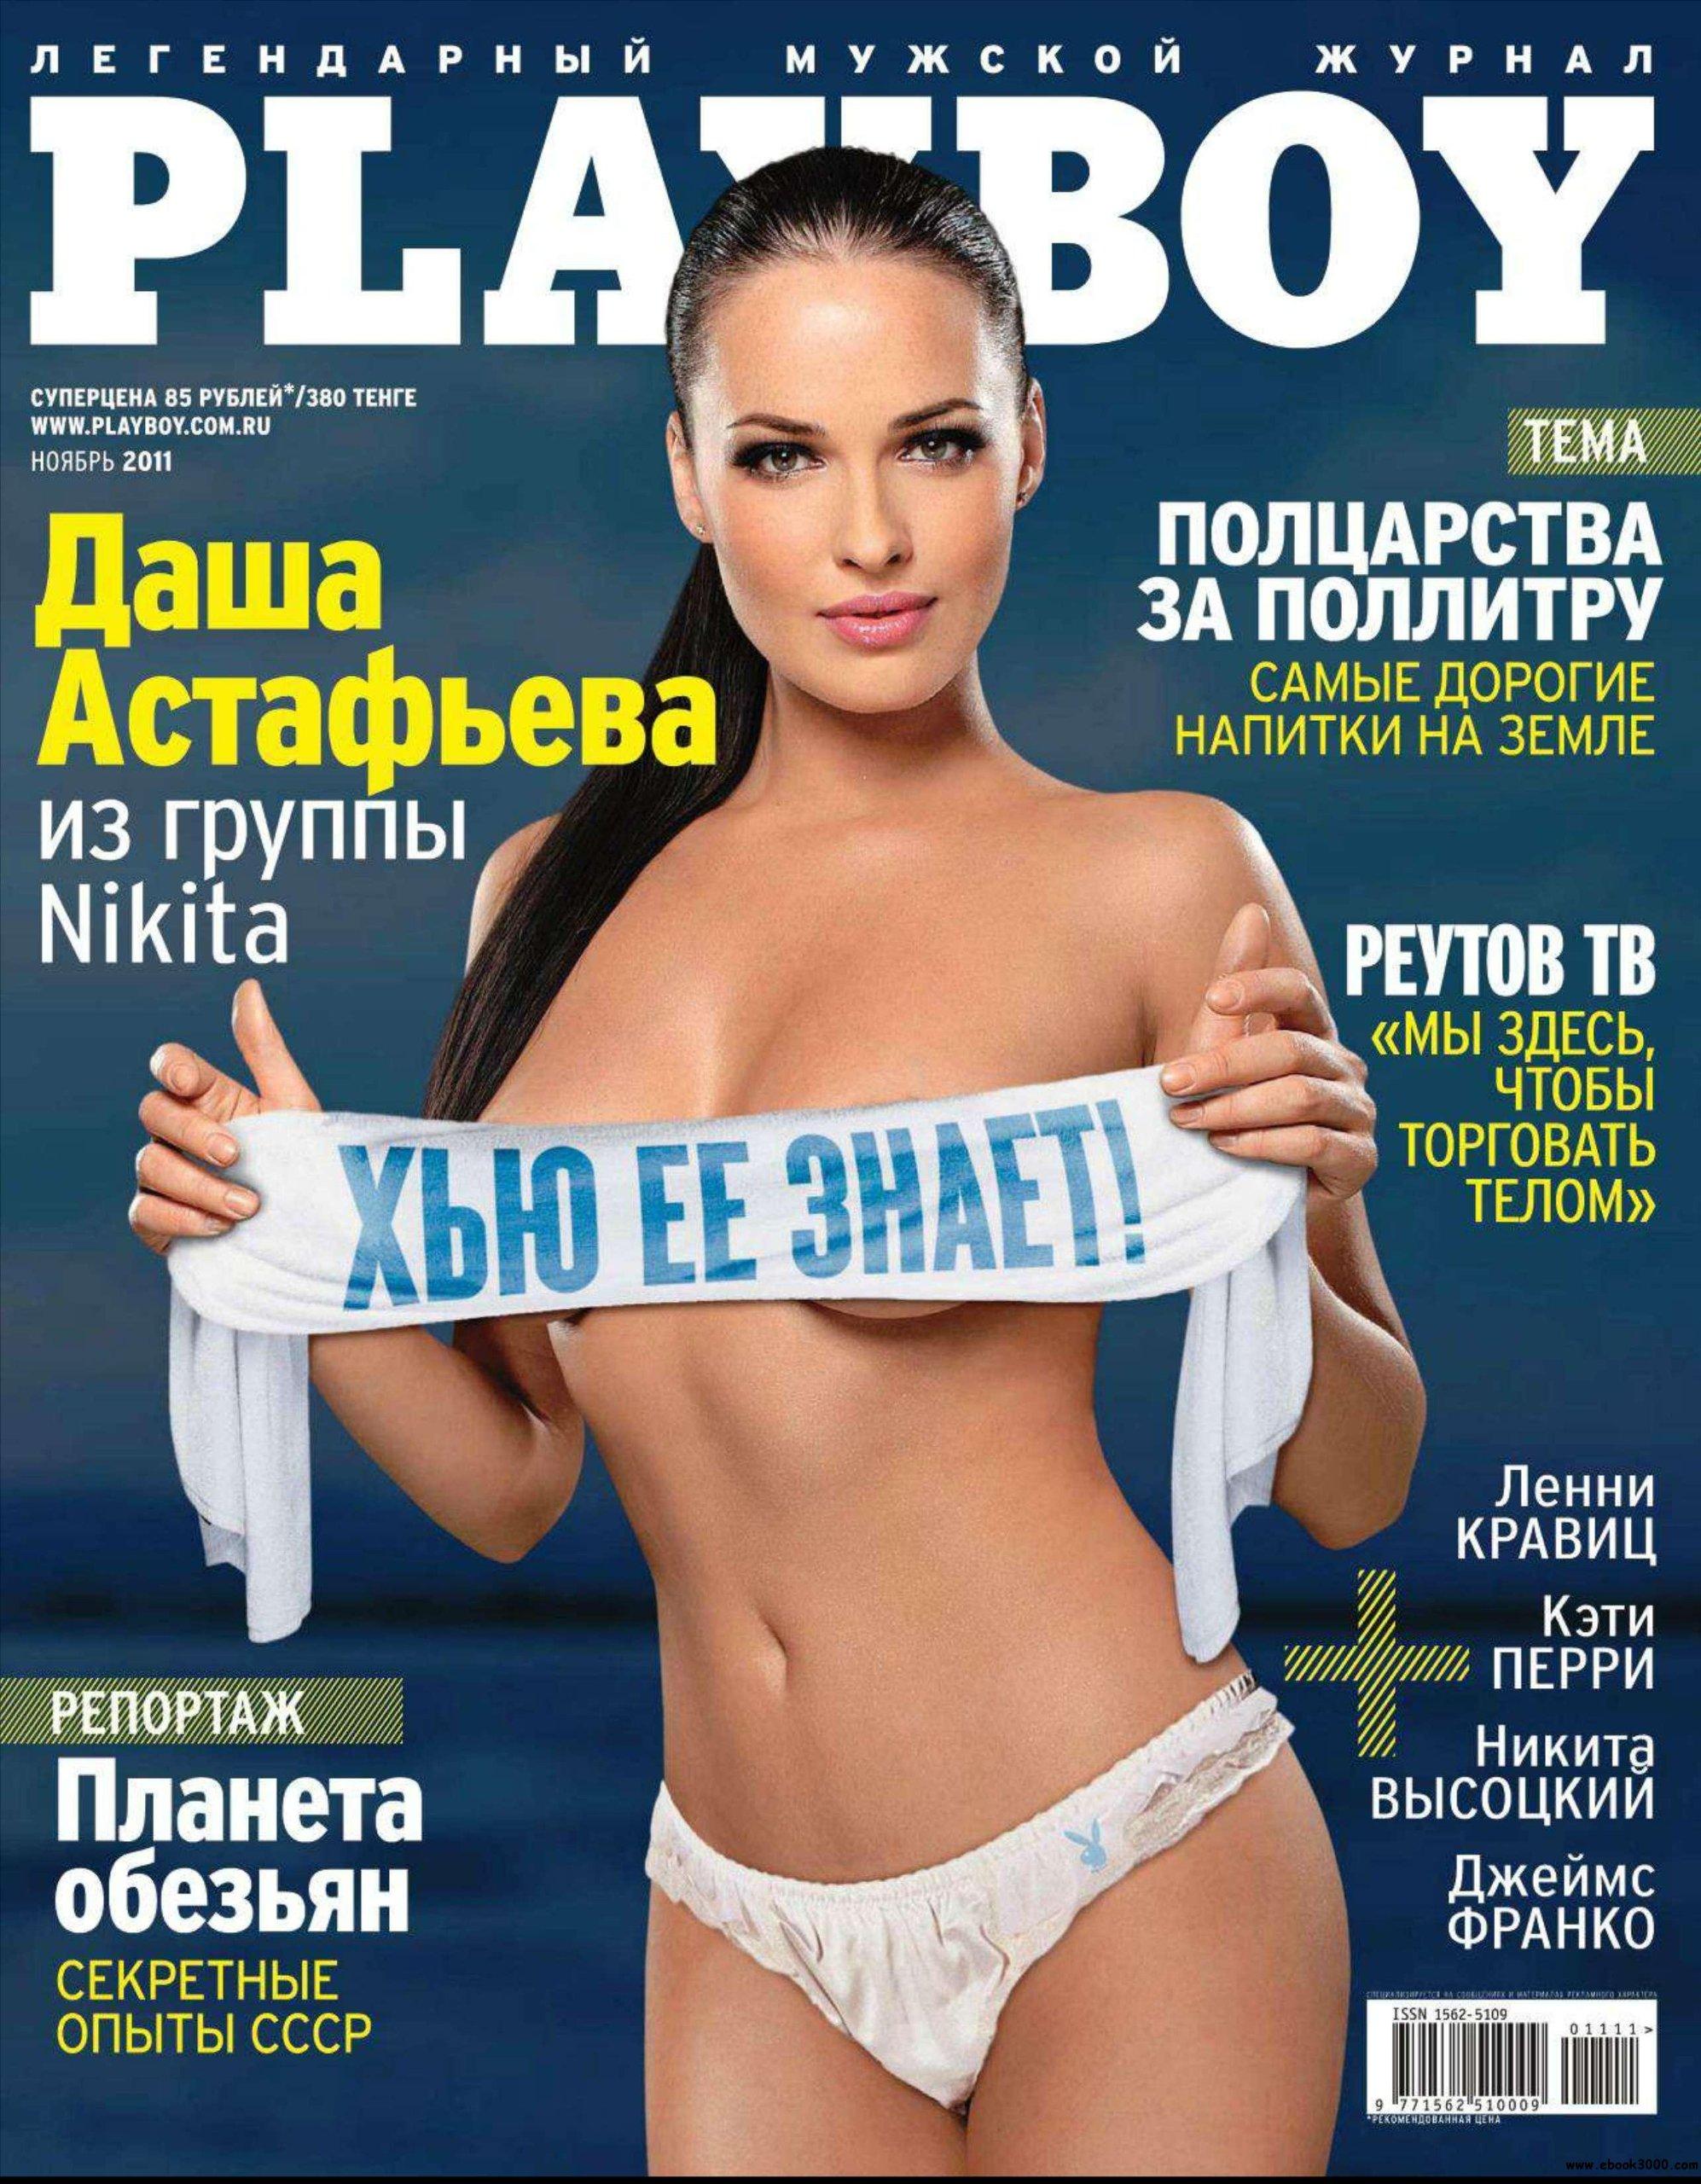 Russia playboy Olga Alberti